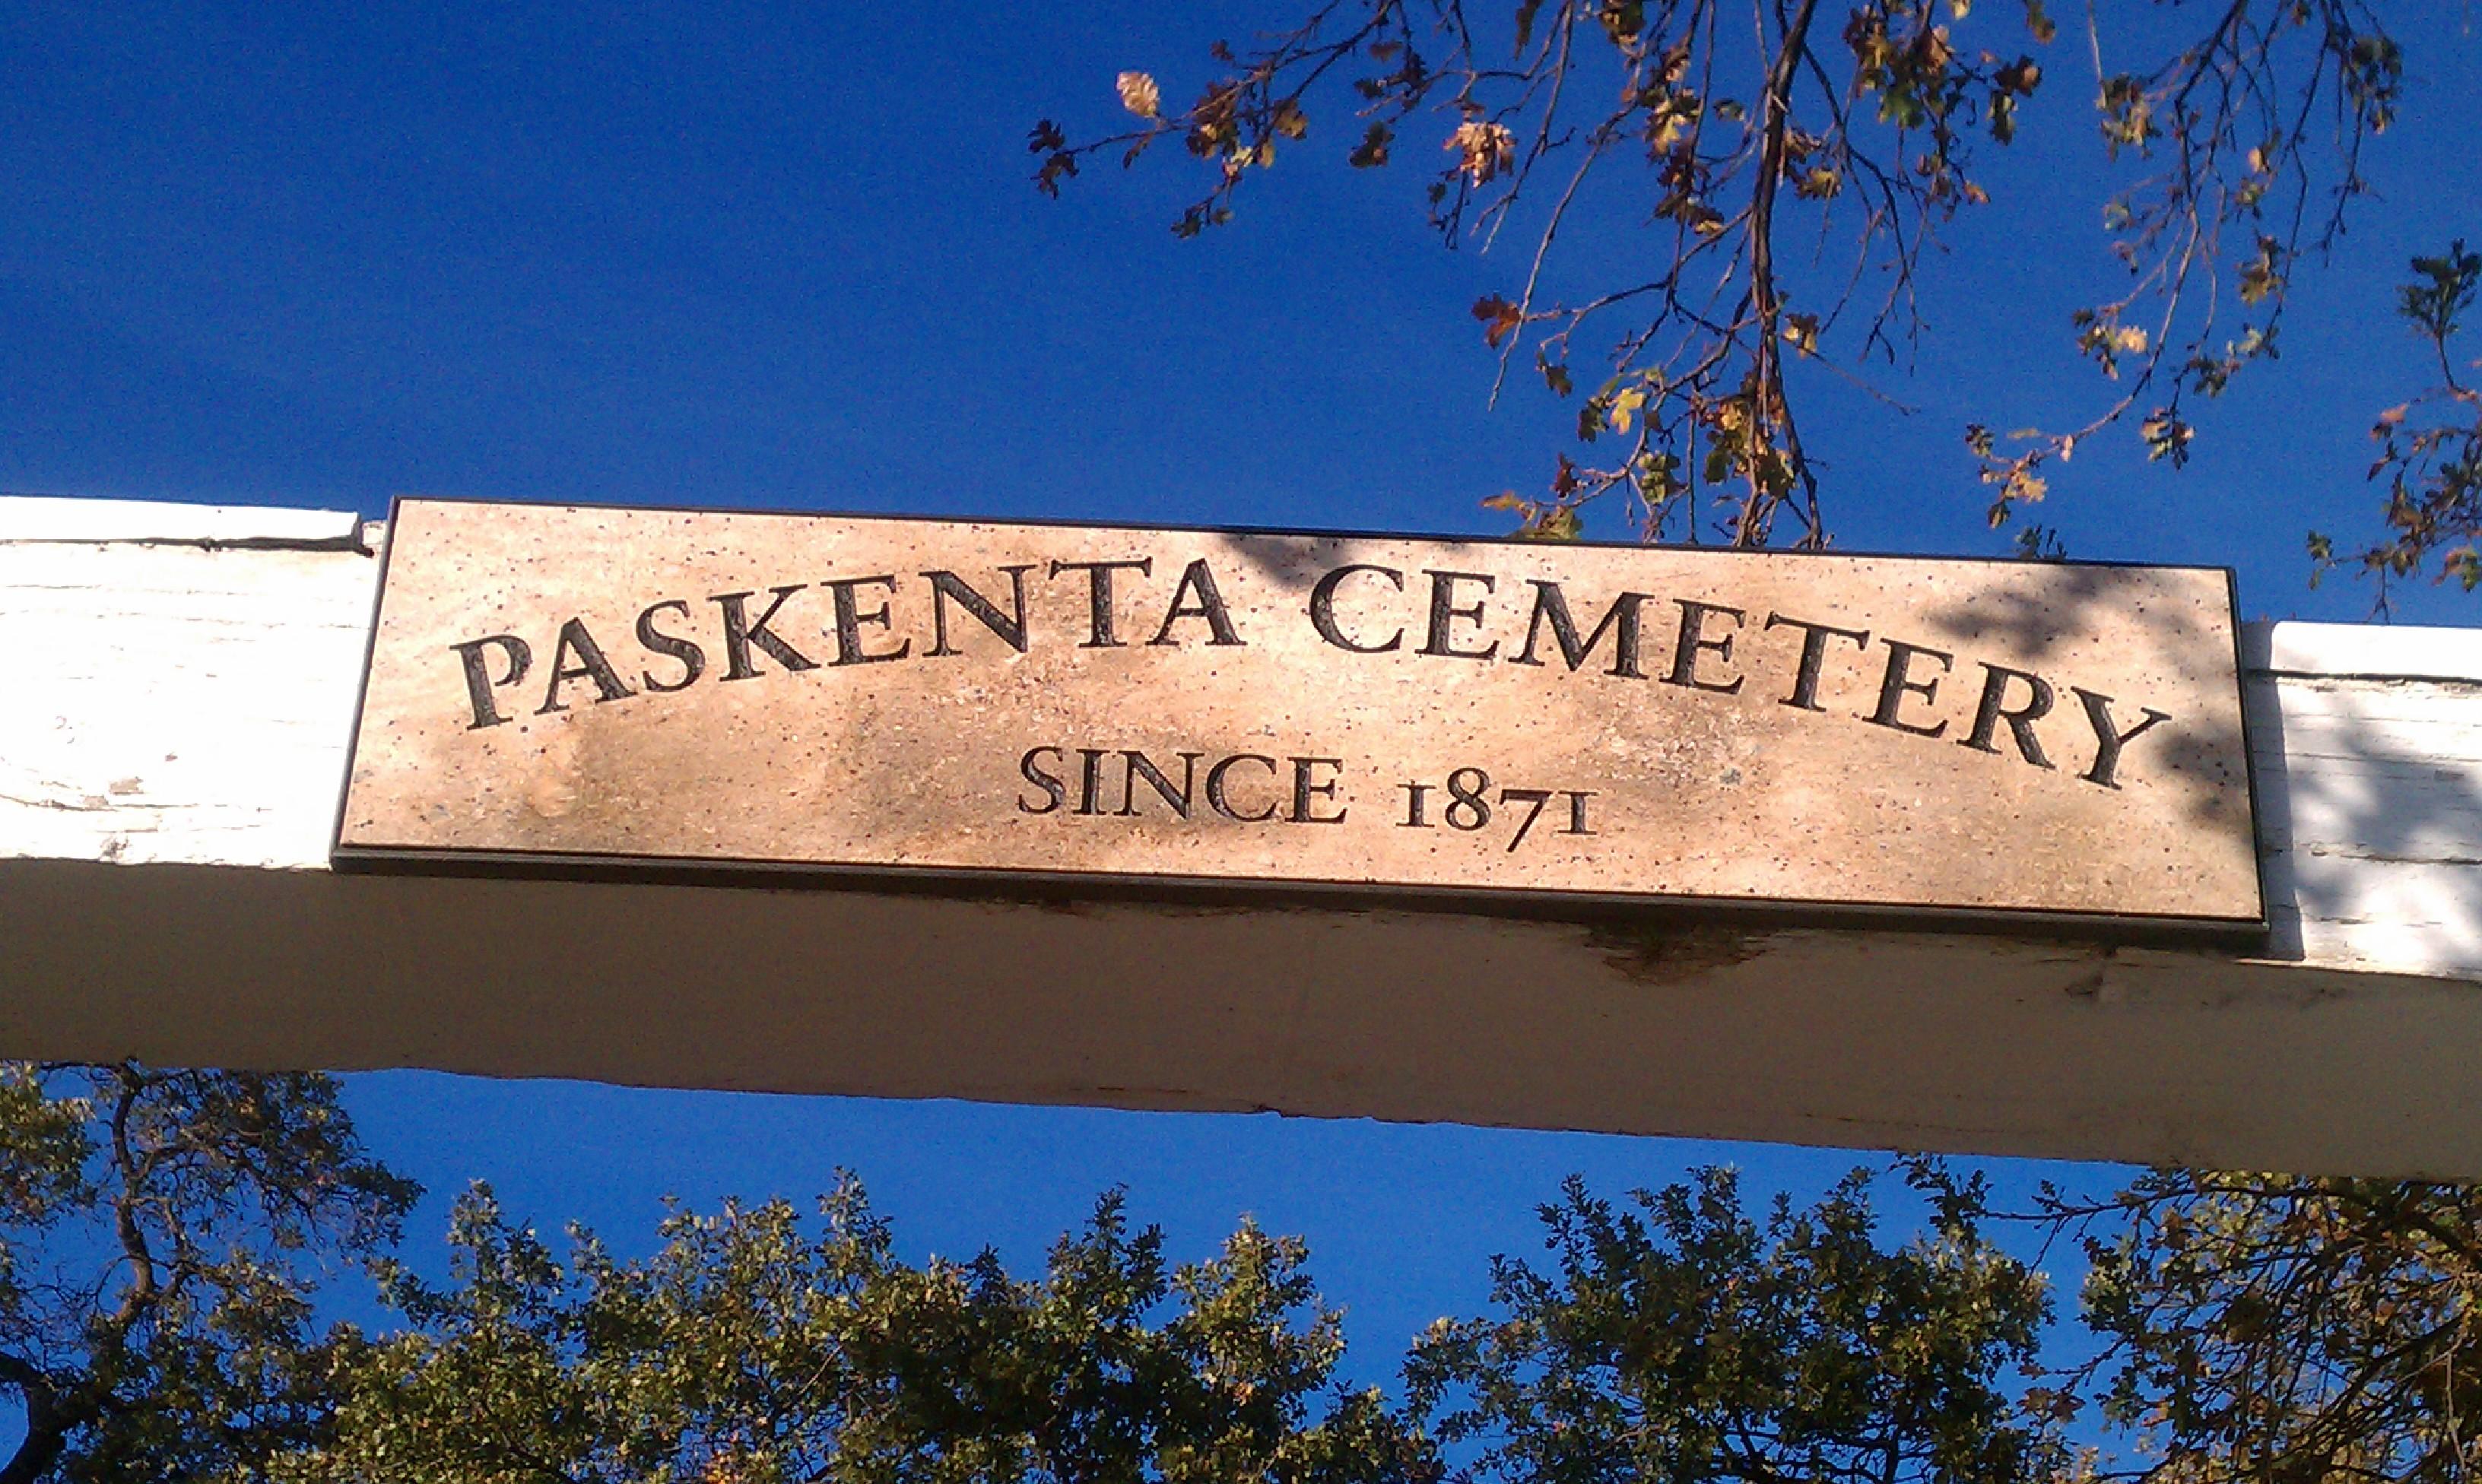 Paskenta Cemetery